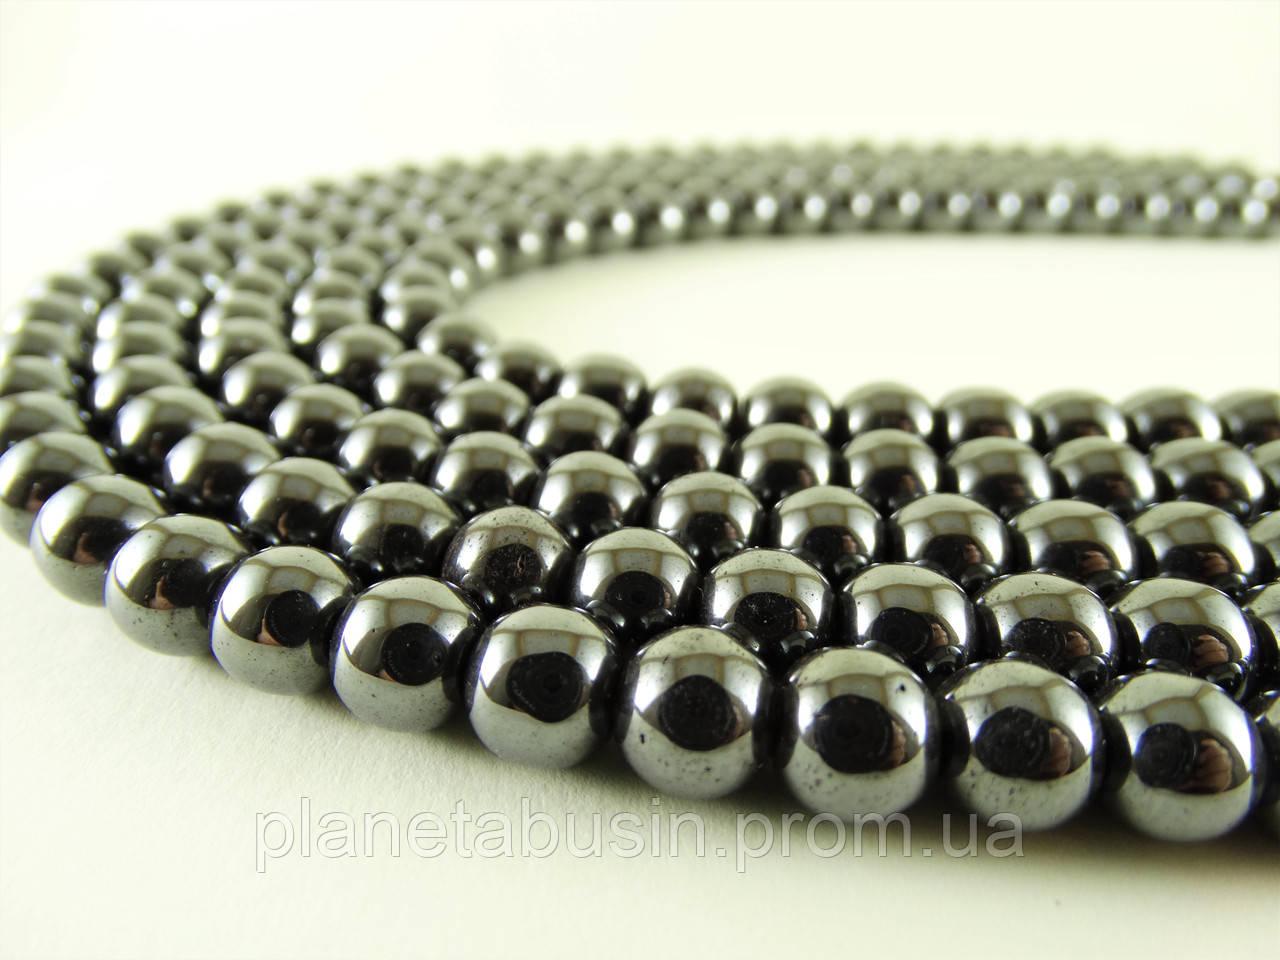 8 мм Гематит, CN104, Натуральный камень, бусины, Форма: Шар, Отверстие: 1 мм, кол-во: 54-55 шт/нить